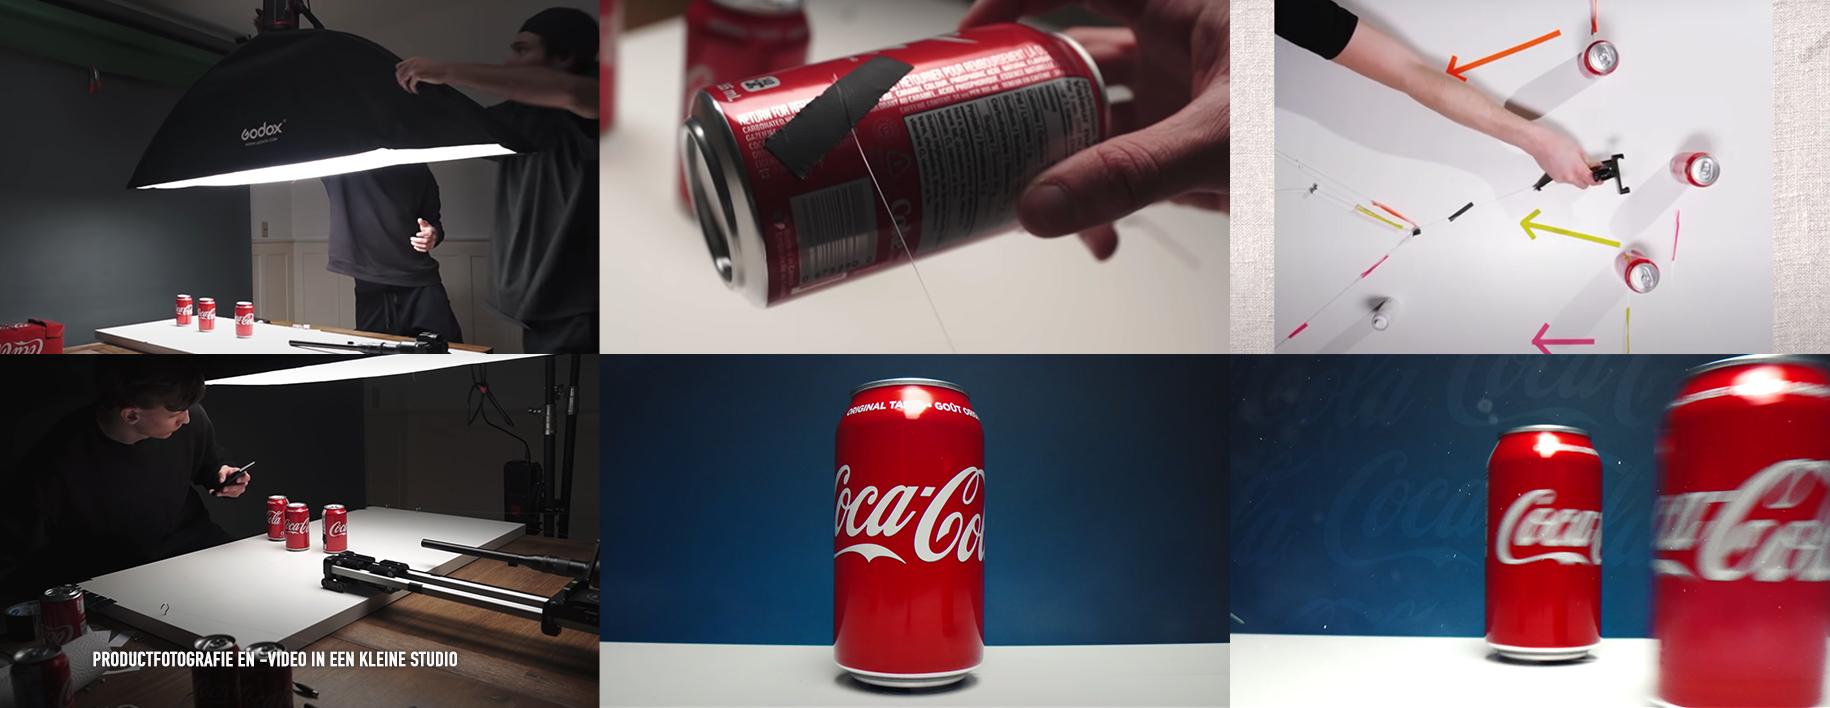 Productfotografie en -video in een kleine studio